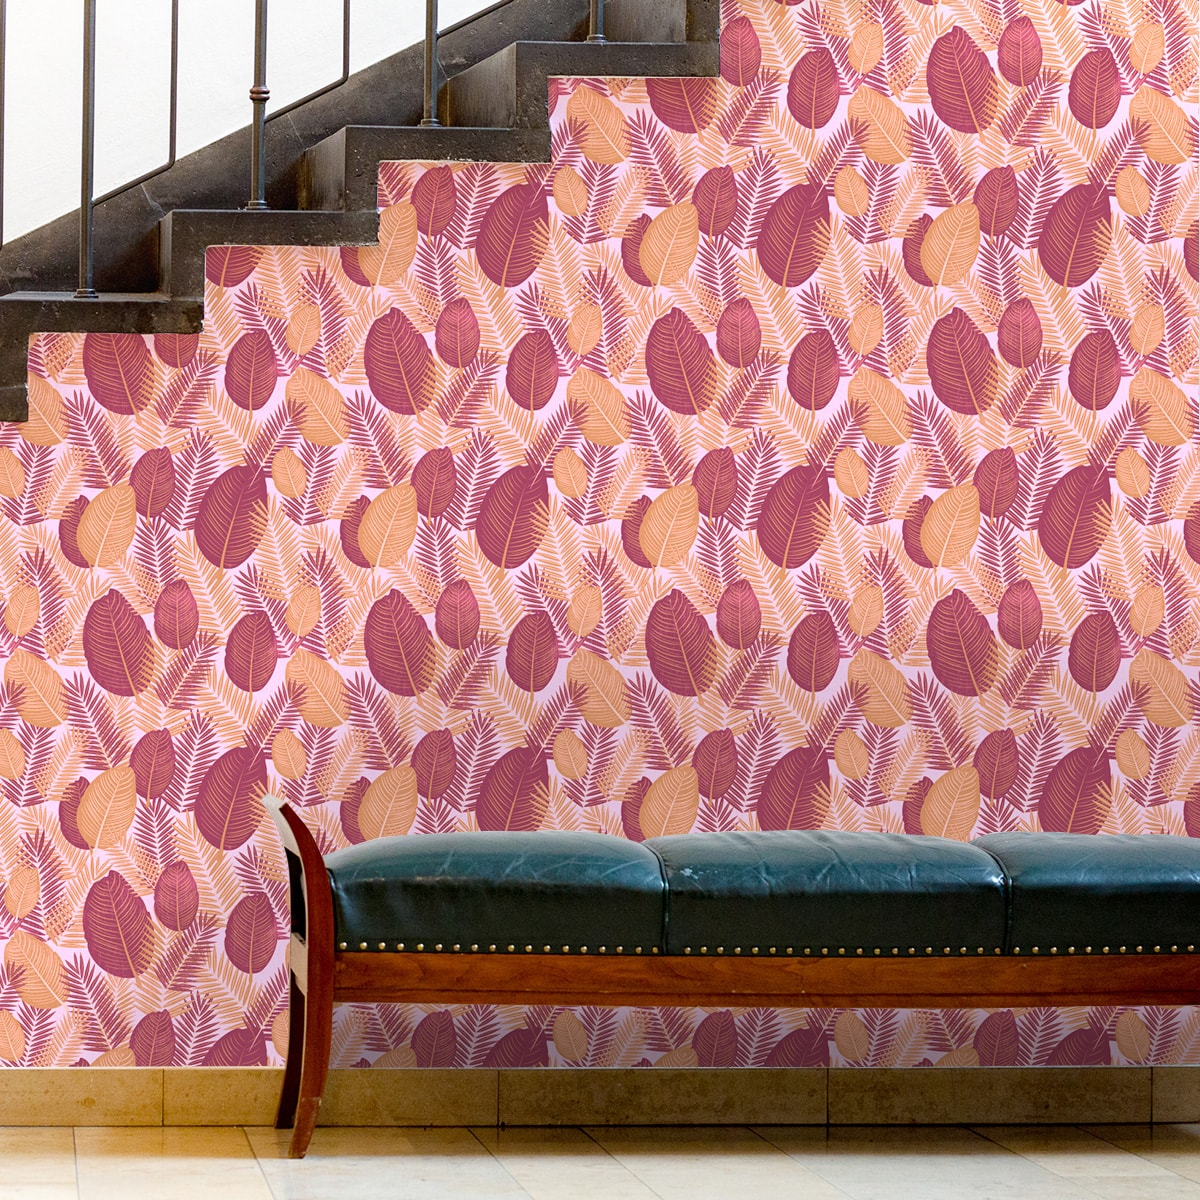 Tapete für Büroräume rot: Rote Dschungel Tapete mit großen Blättern, rote Vlies Tapete, üppige, moderne Wanddeko für Flur, Büro